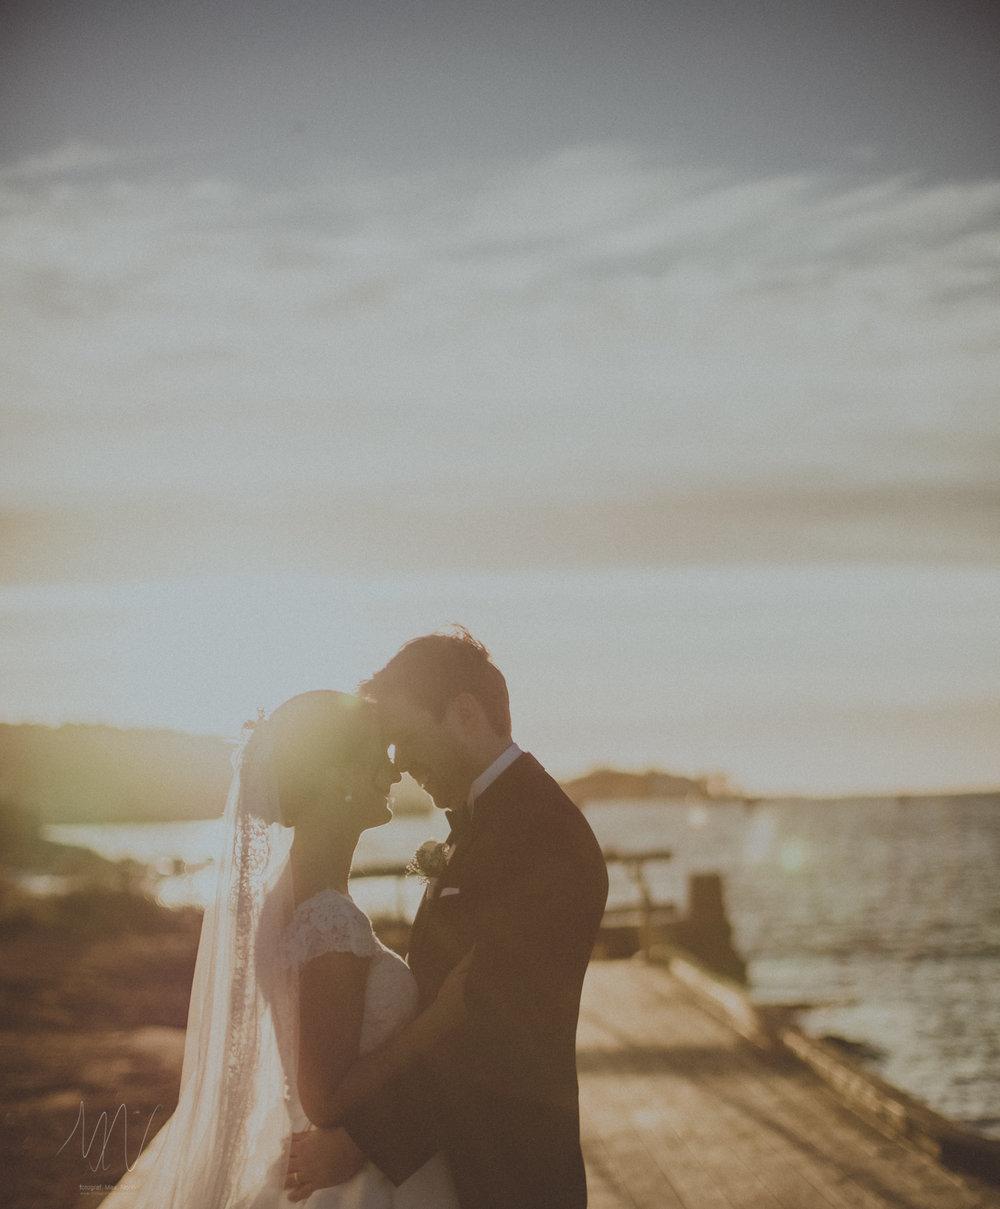 bröllopsfoto-fotograf-max-norin-234.jpg